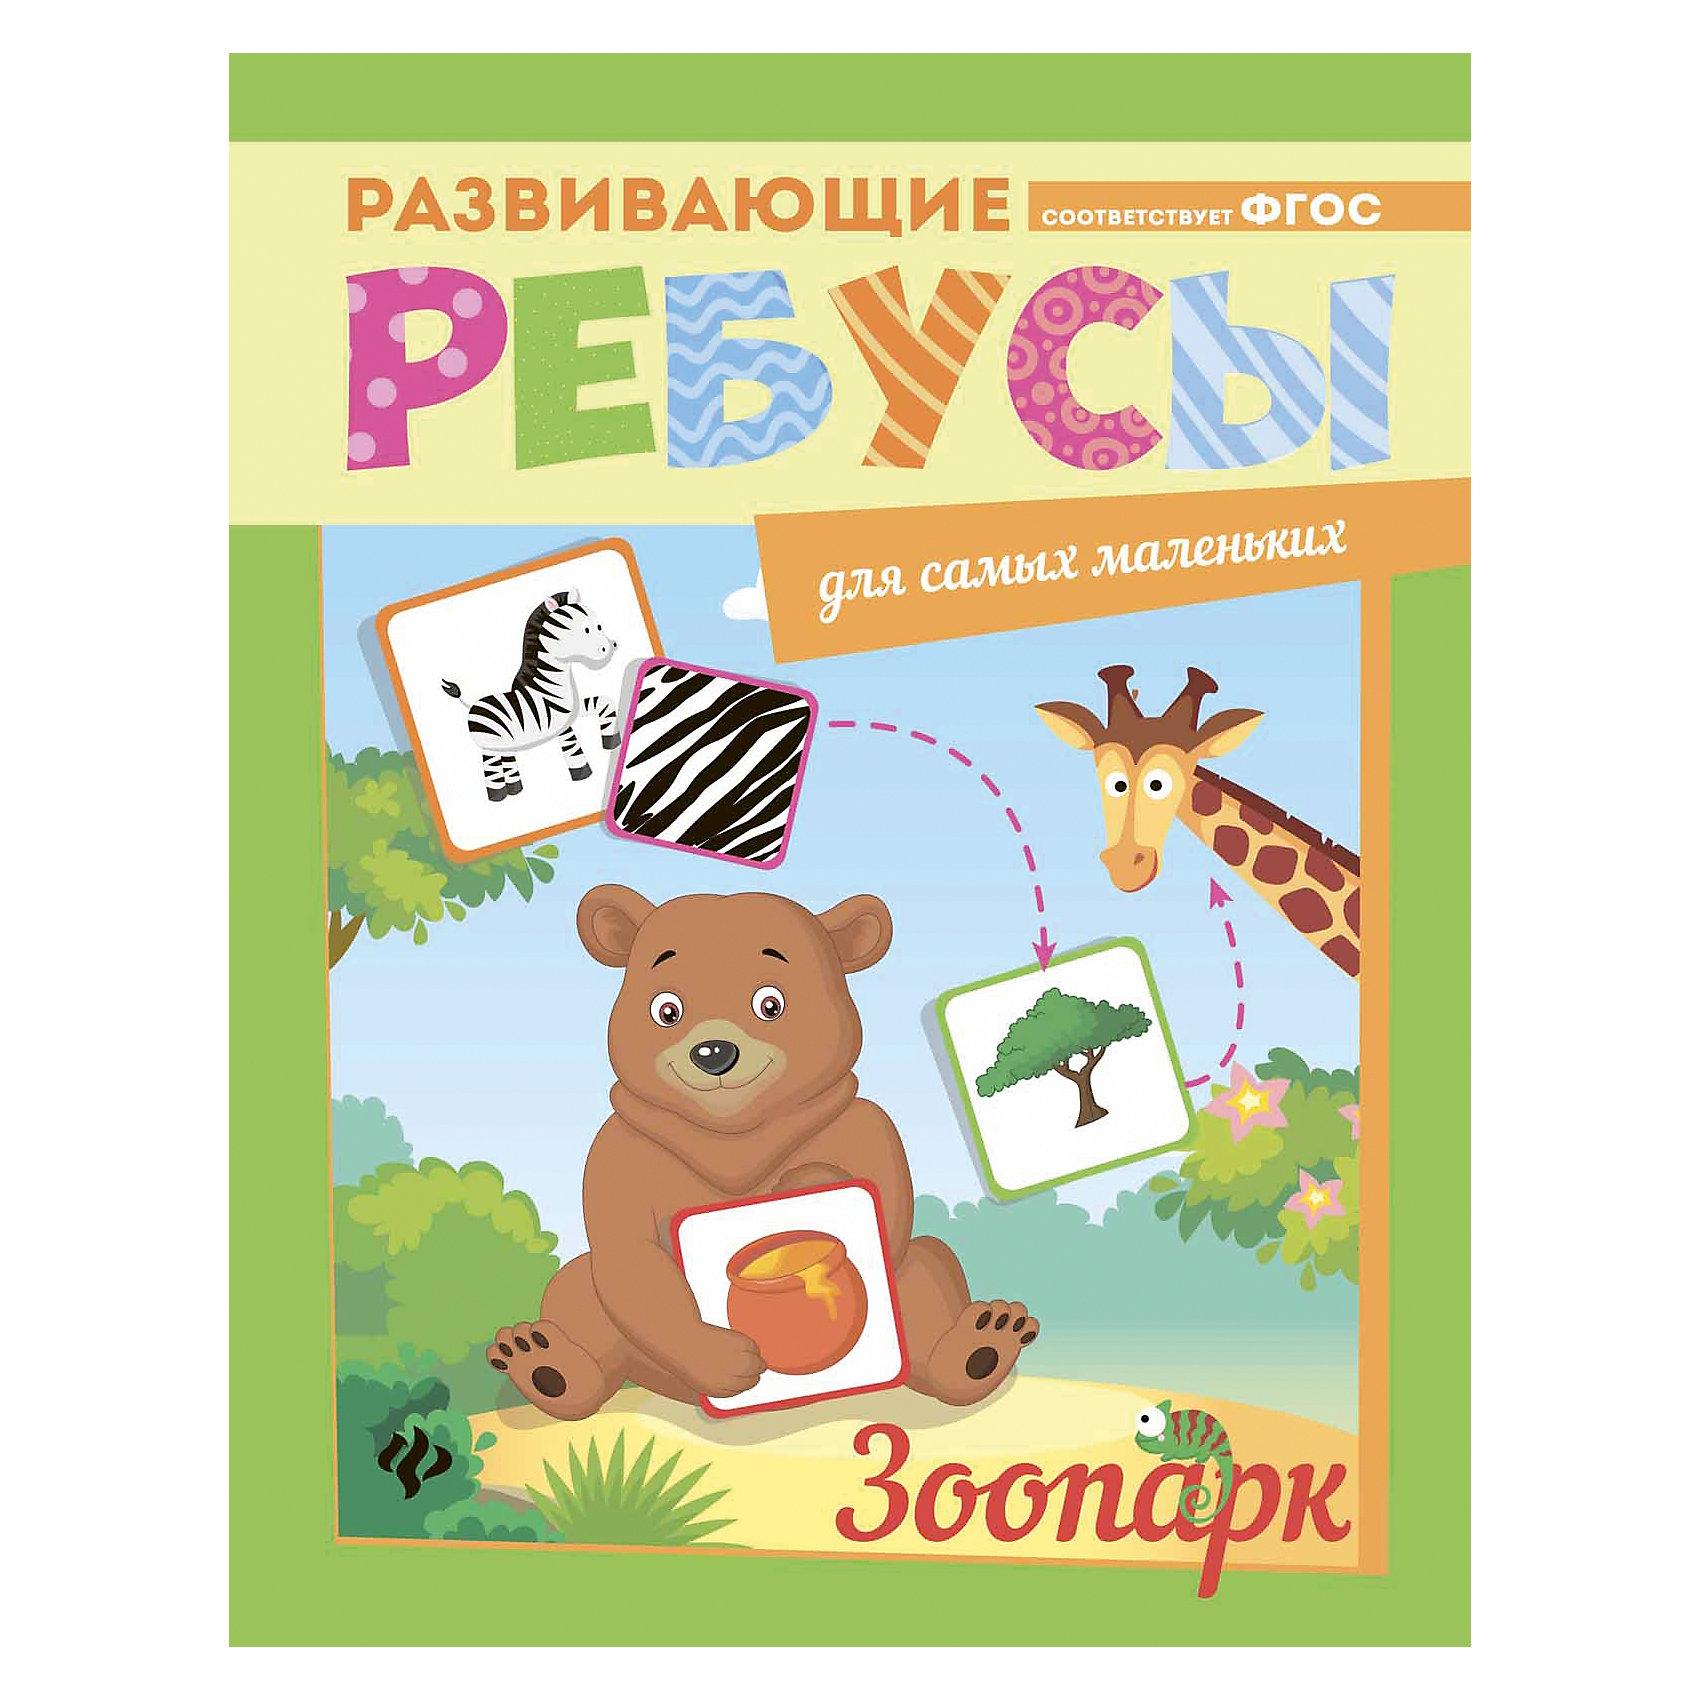 Ребусы ЗоопаркВикторины, ребусы<br>Ребусы Зоопарк<br><br>Характеристики:<br><br>• количество страниц: 16<br>• тип обложки: мягкая<br>• иллюстрации: цветные<br>• ISBN: 978-5-222-28585-5<br>• издательство: Феникс<br>• размер: 26х20 см<br>• материал: бумага<br><br>Зоопарк из серии Развивающие ребусы в игровой форме познакомит ребенка с представителями животного мира и их особенностями. В процессе обучения ребенок выполнит задания, направленные на развитие внимательности, логического мышления, мелкой моторики и памяти. Кроме того, малыш научится сравнивать предметы и классифицировать их. Красивые и понятые картинки привлекут внимание ребенка.<br><br>Ребусы Зоопарк вы можете купить в нашем интернет-магазине.<br><br>Ширина мм: 100<br>Глубина мм: 200<br>Высота мм: 260<br>Вес г: 440<br>Возраст от месяцев: 36<br>Возраст до месяцев: 2147483647<br>Пол: Унисекс<br>Возраст: Детский<br>SKU: 5518128